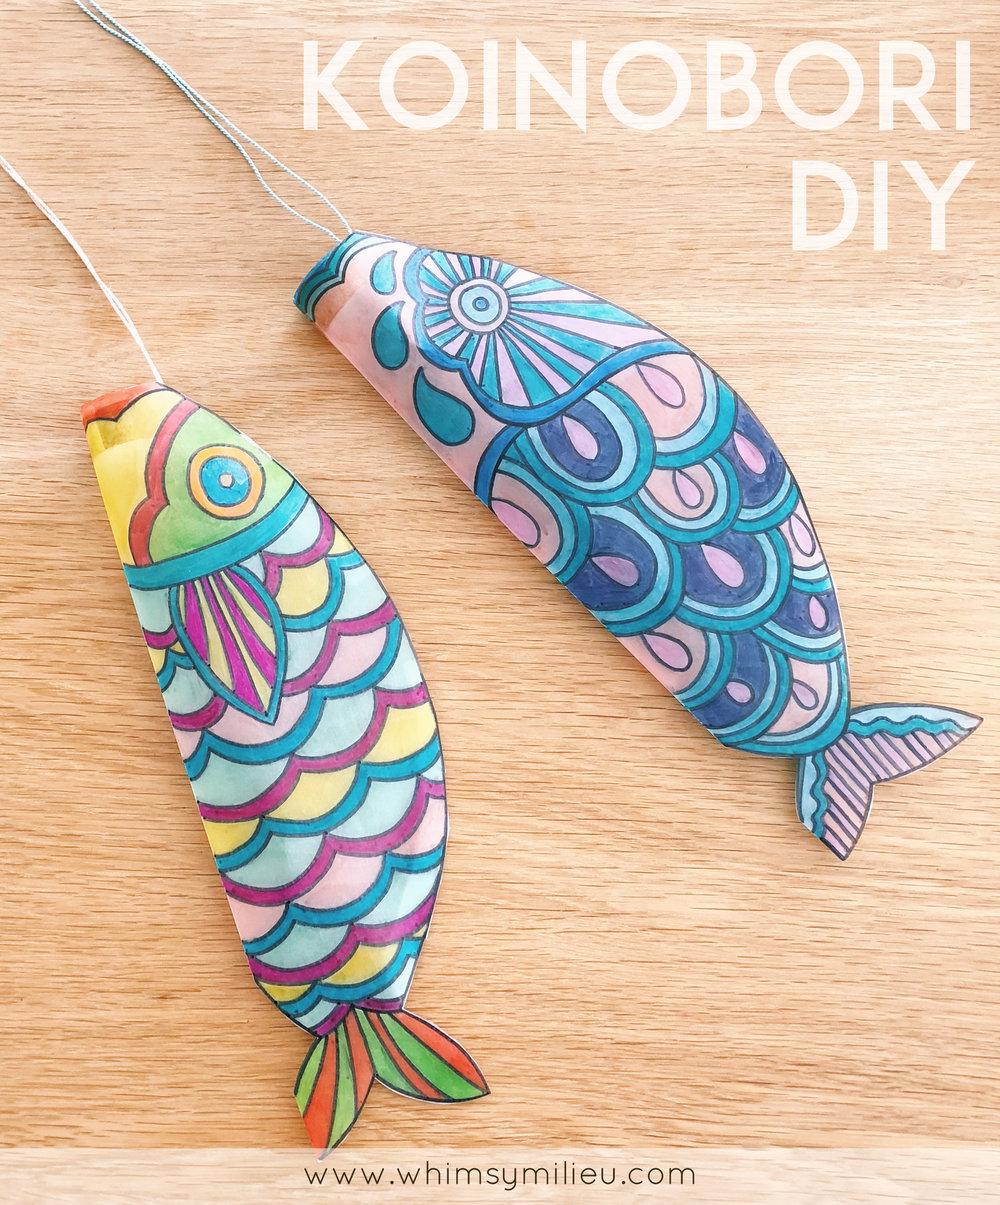 Koinobori (Japanese Carp Streamer) DIY